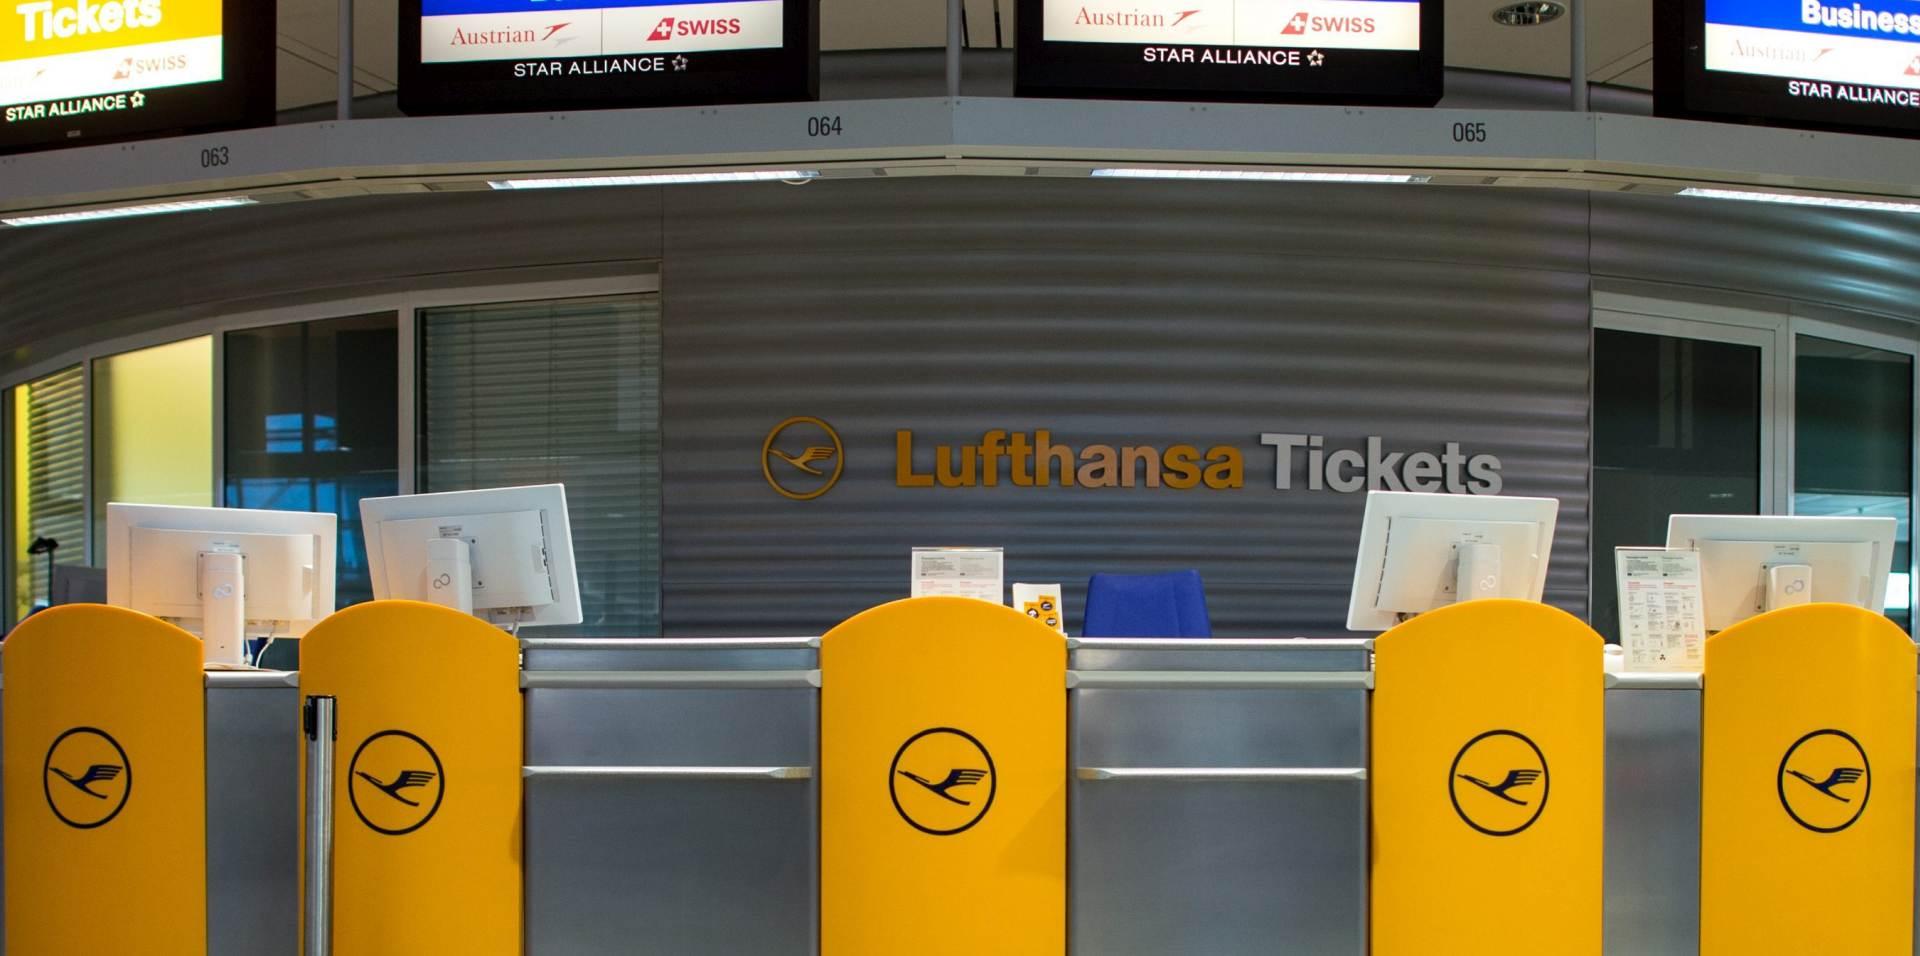 OTKAZANI LETOVI: Lufthansini piloti u štrajku, kompanija ne popušta